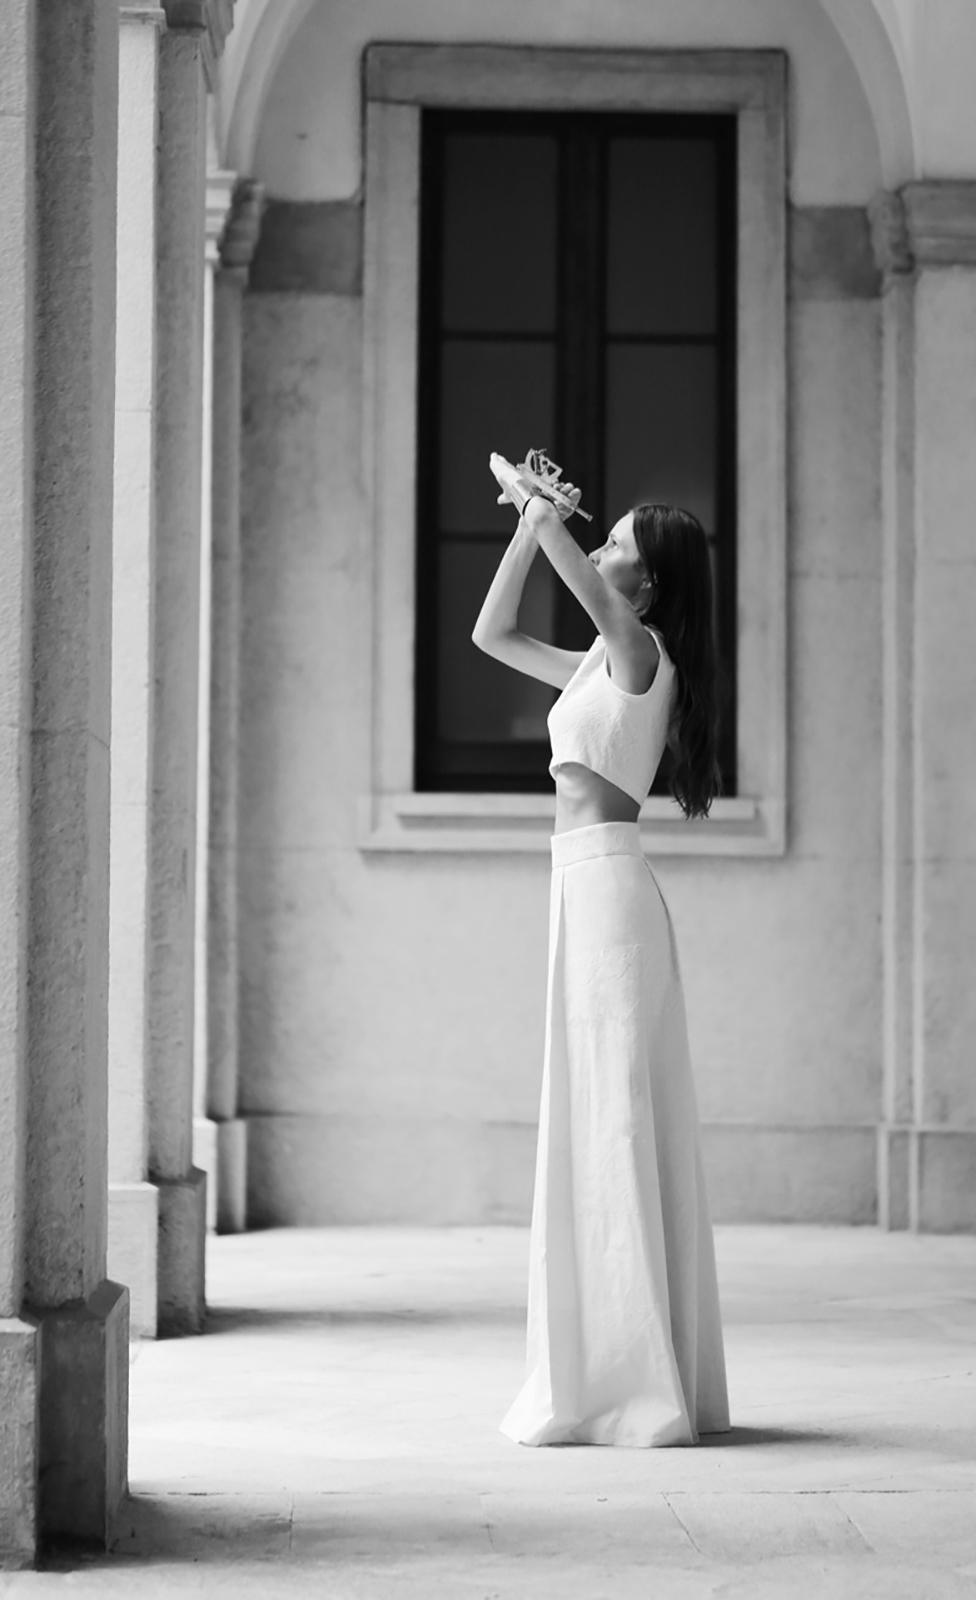 Chimica romantica - 1 - Stefano Russo